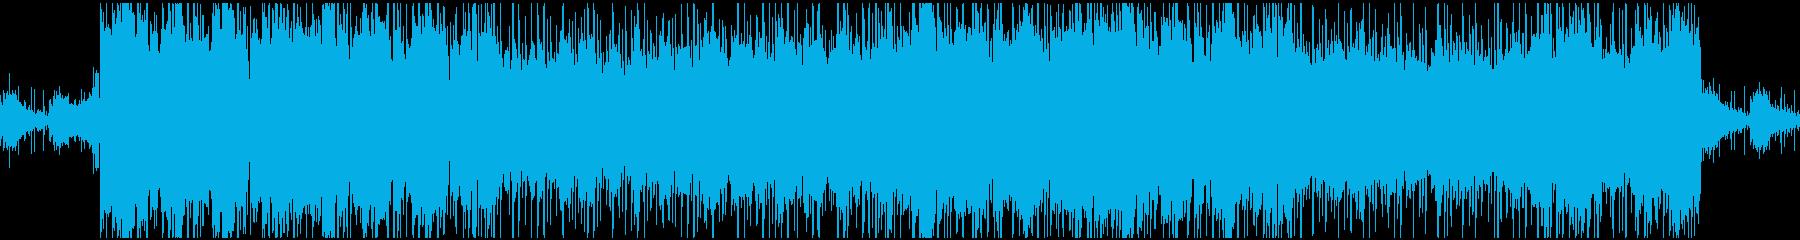 悲壮感、勇壮さのあるループBGMの再生済みの波形